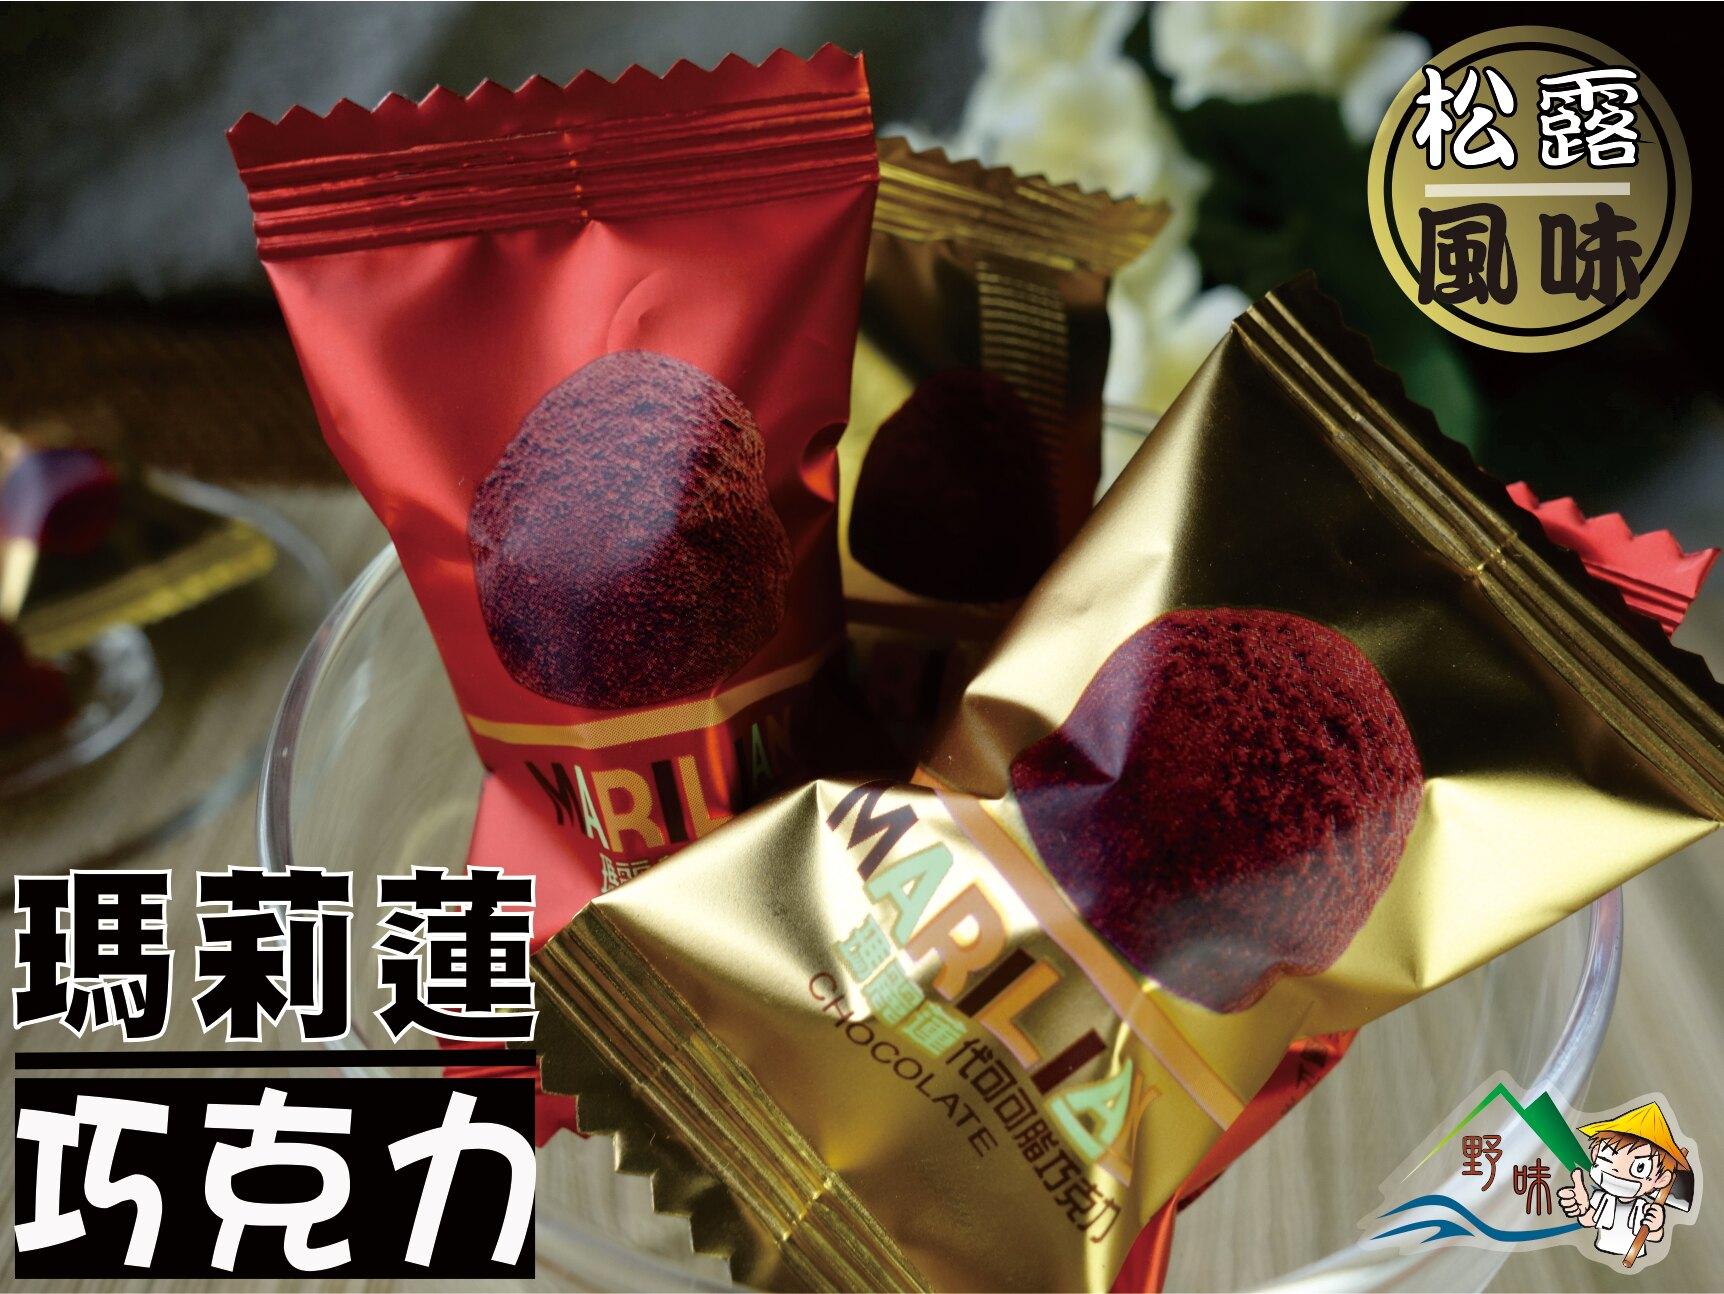 【野味食品】馬來西亞 瑪莉蓮松露巧克力(奶素) (140g/包,315g/包,500g/盒)